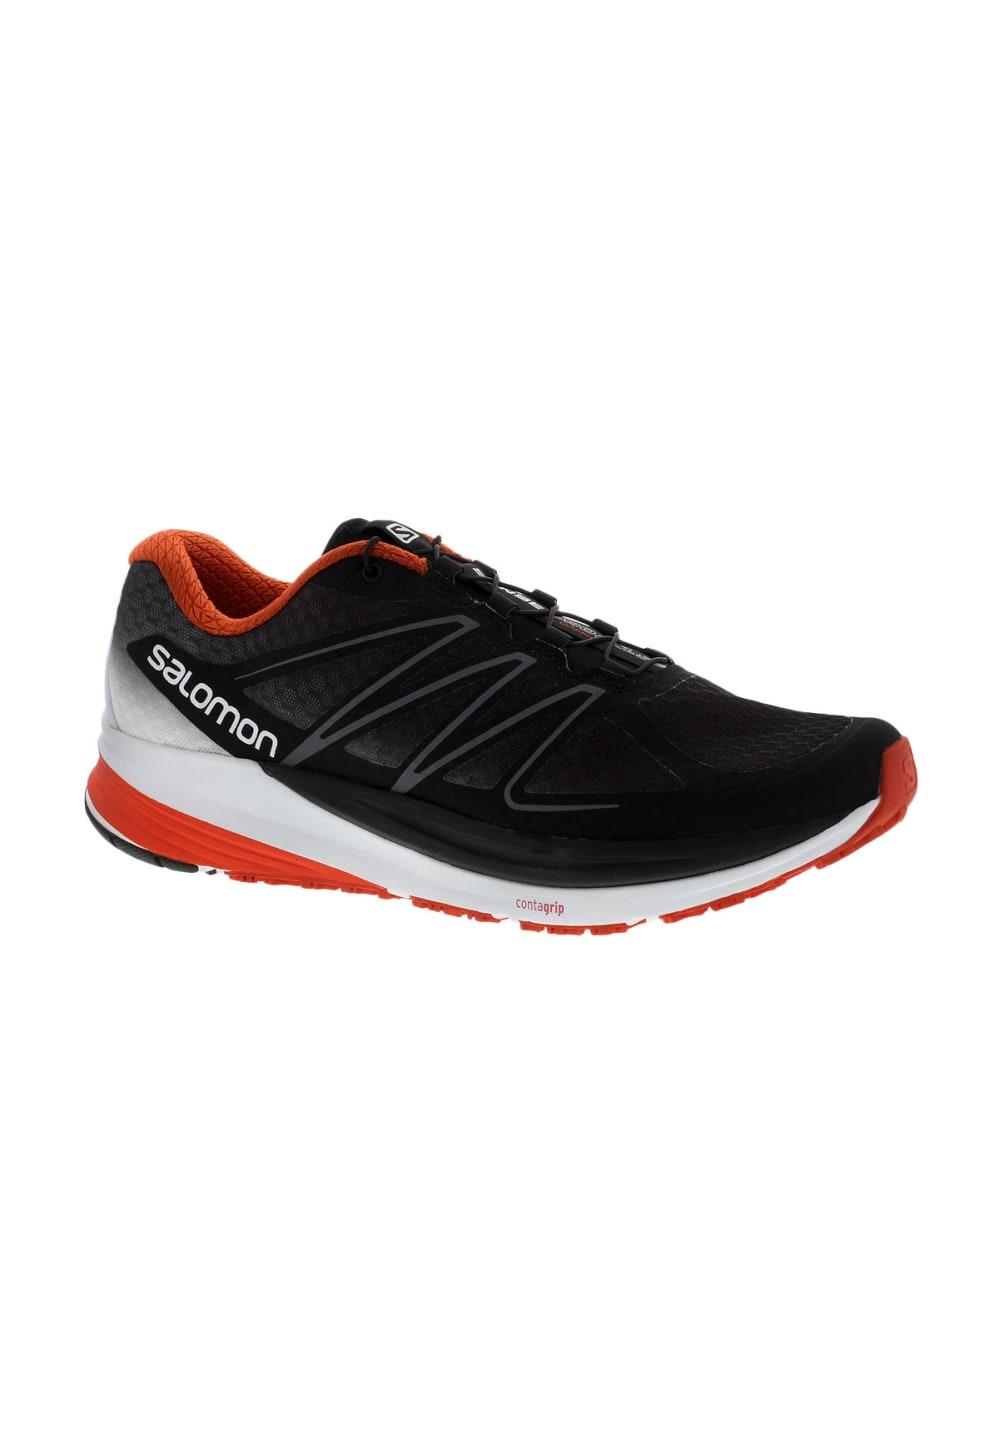 Salomon Sense Propulse - Running shoes for Men - Black  6cb5f627c25